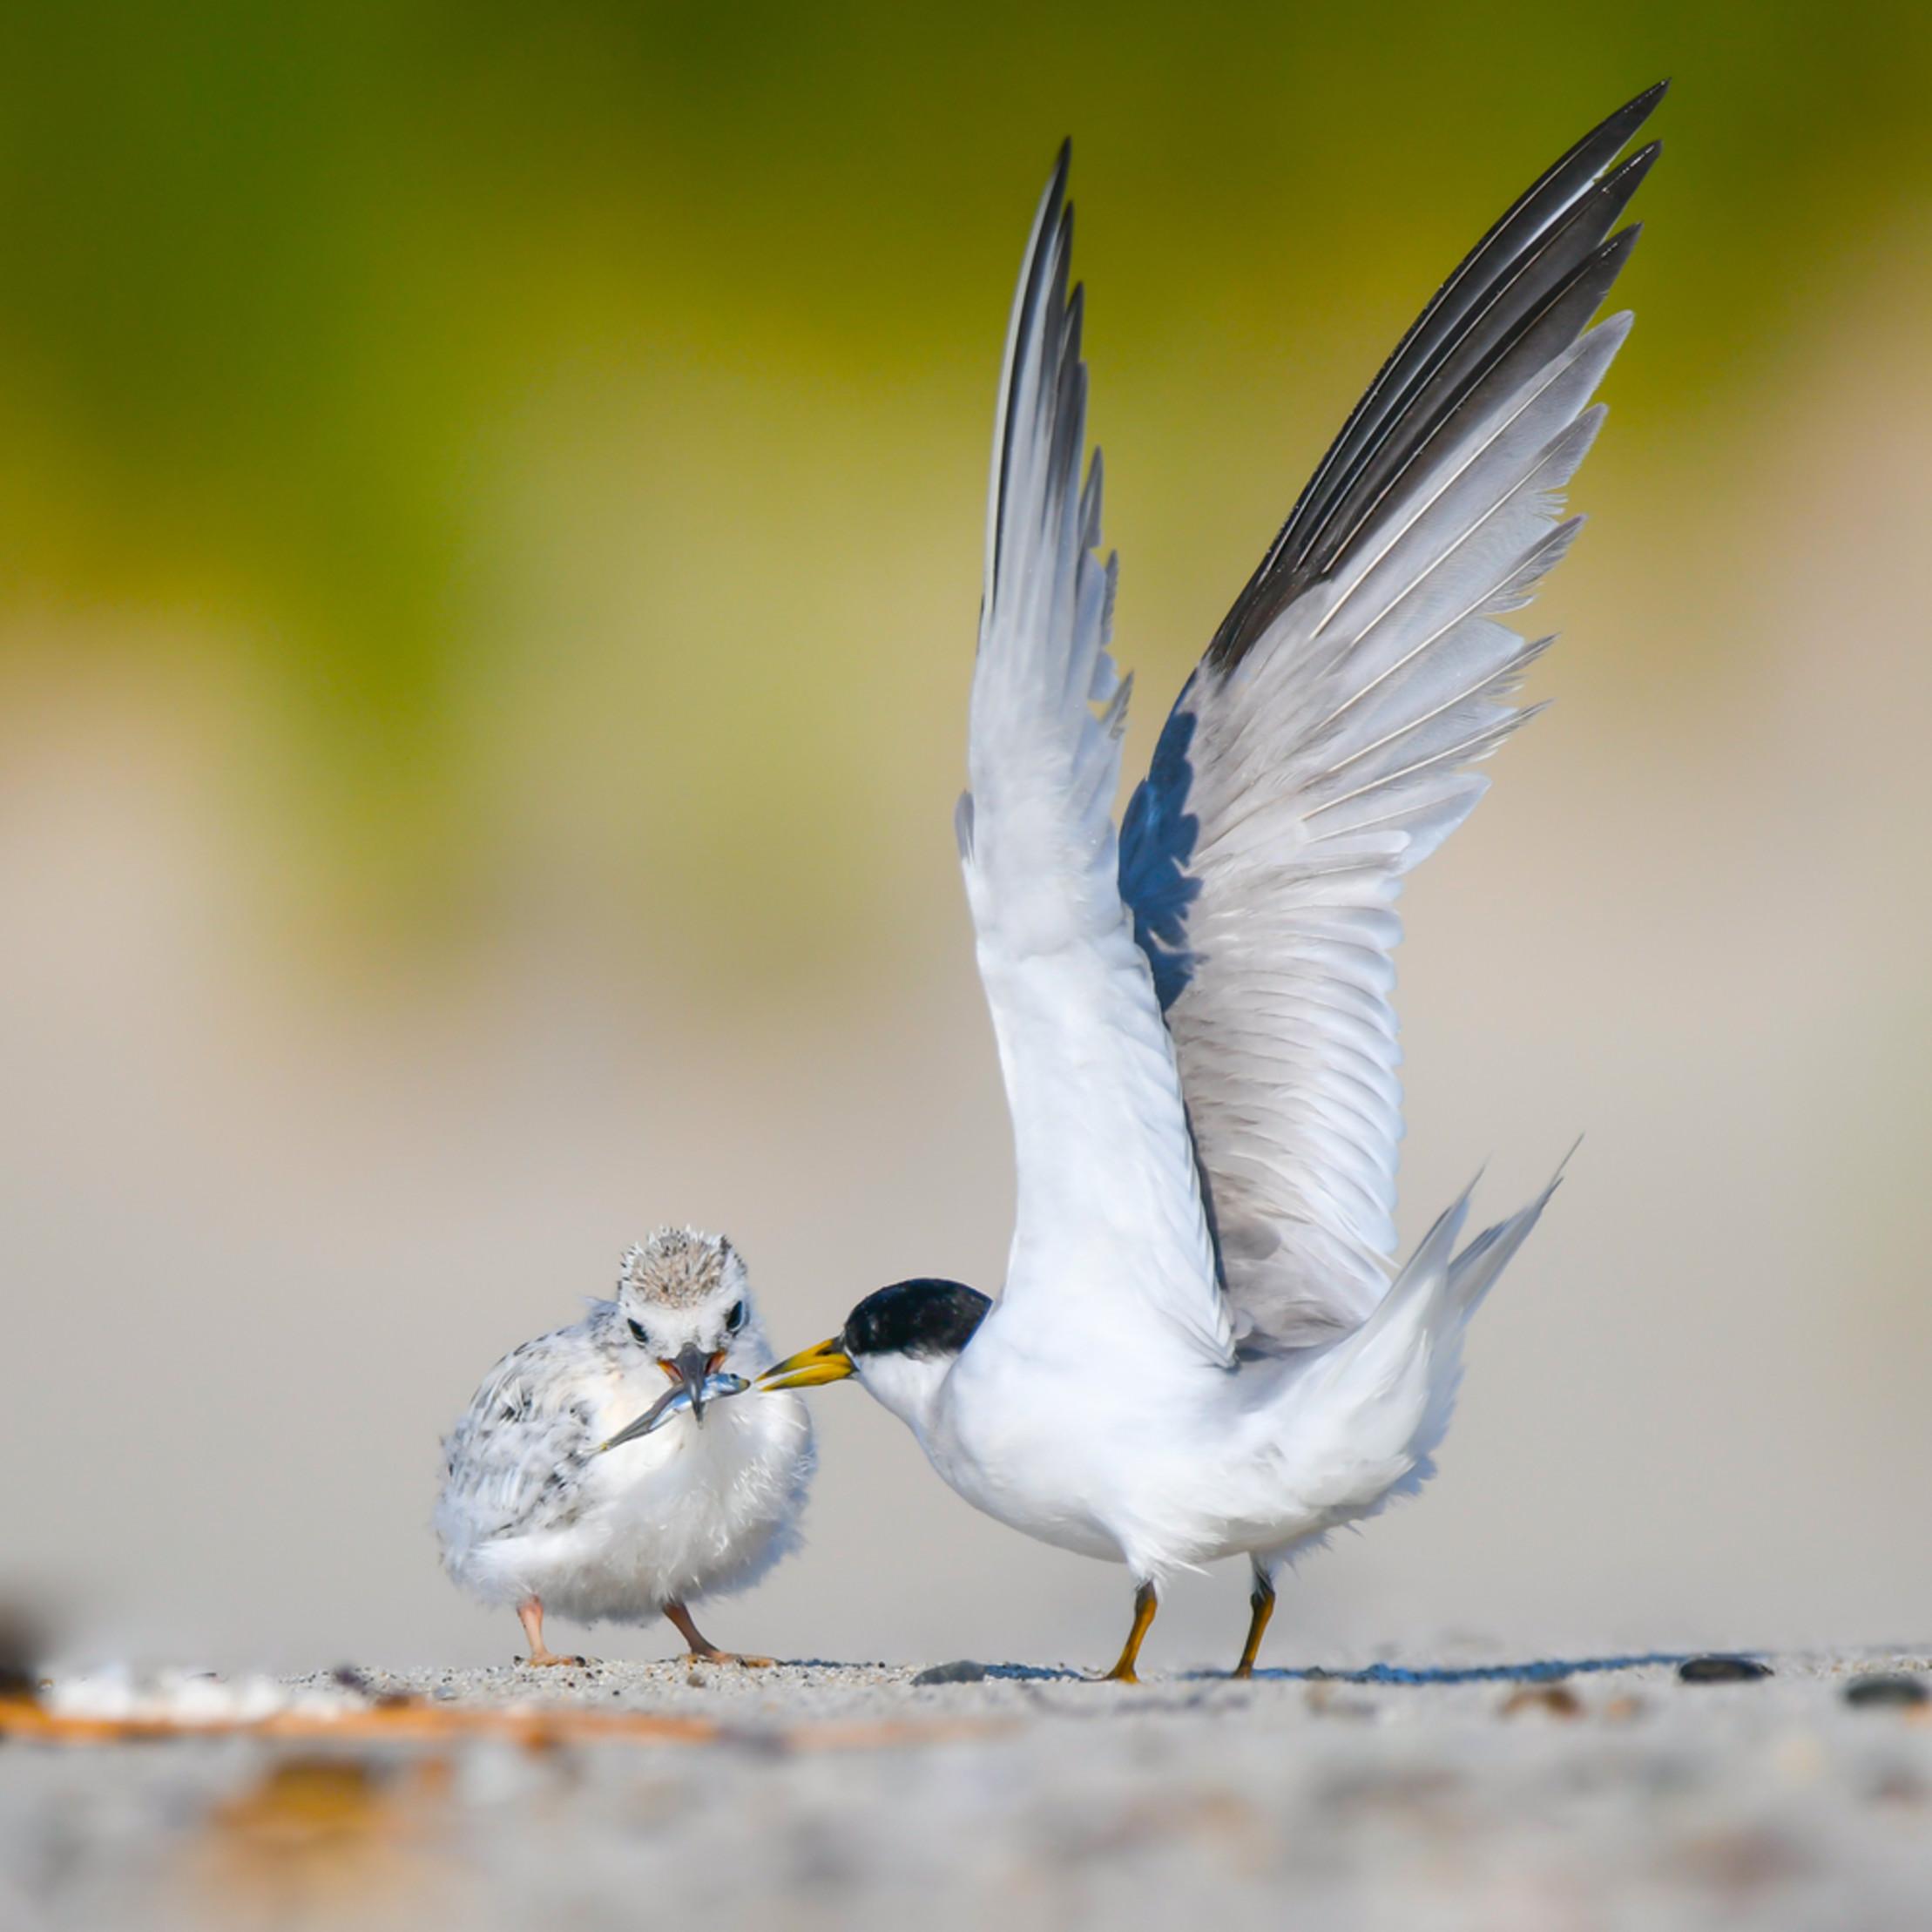 Tern feeding j7rdle